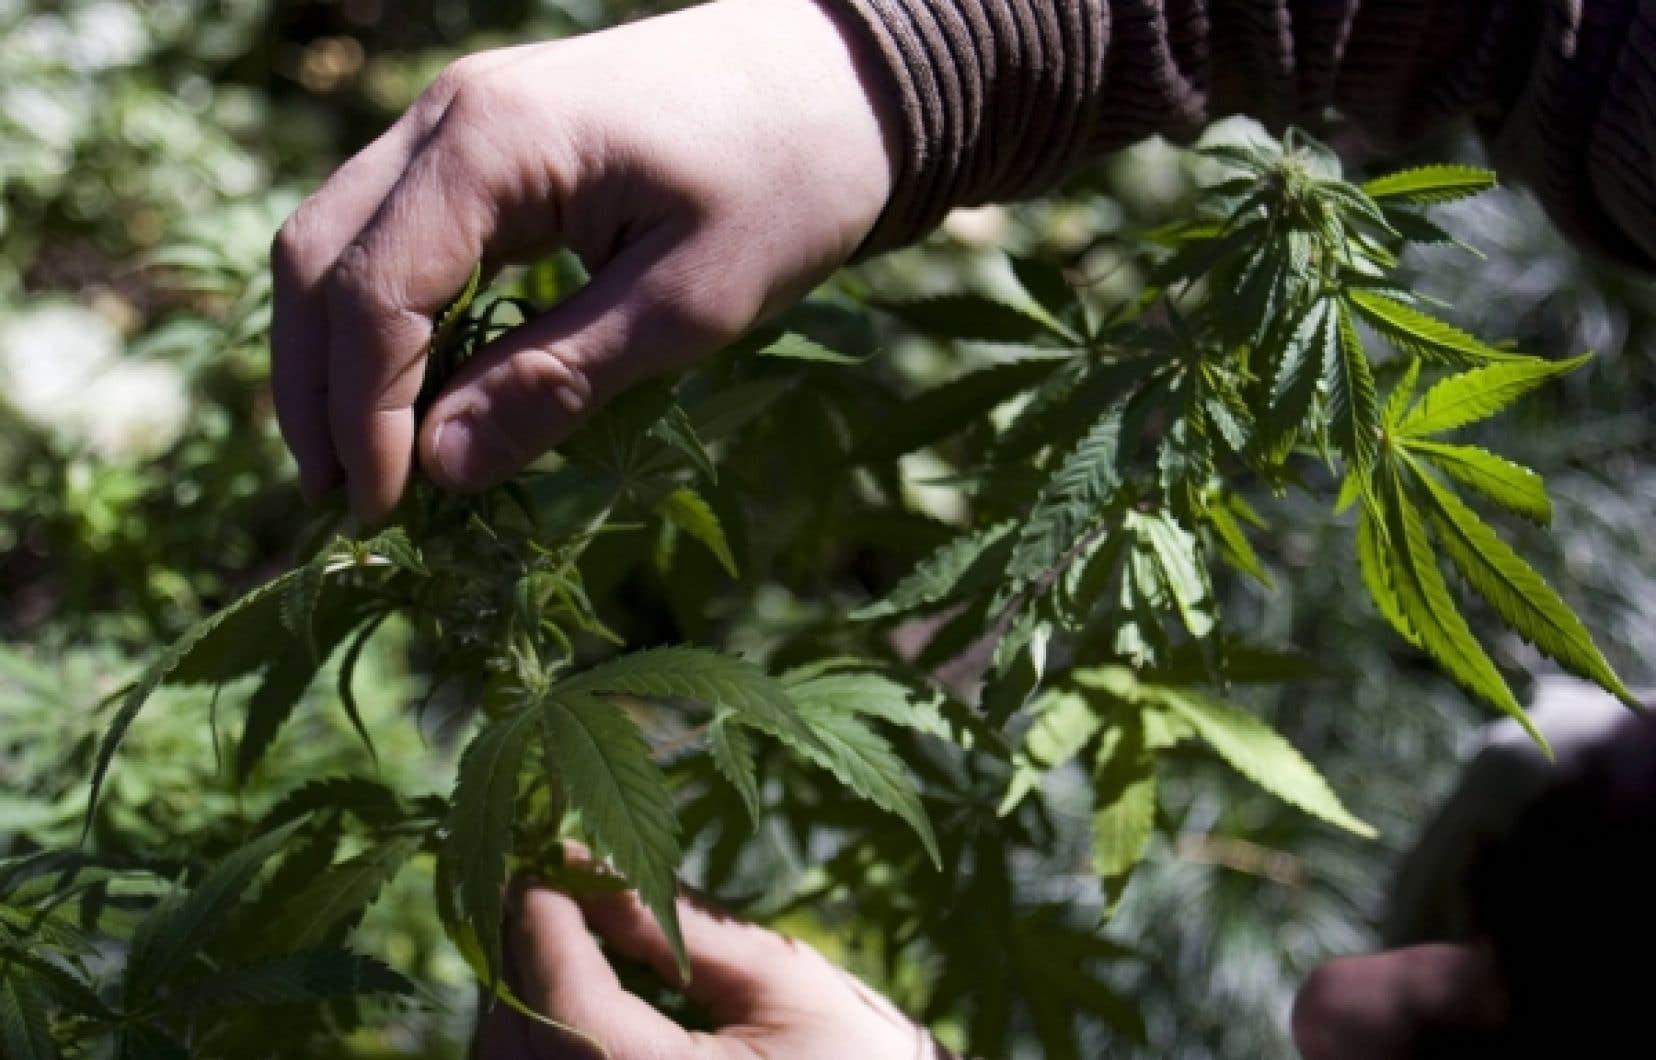 Les biologistes ont identifi&eacute; le m&eacute;canisme qui diff&eacute;rencie le cannabis, la drogue, des vari&eacute;t&eacute;s de chanvre.<br />